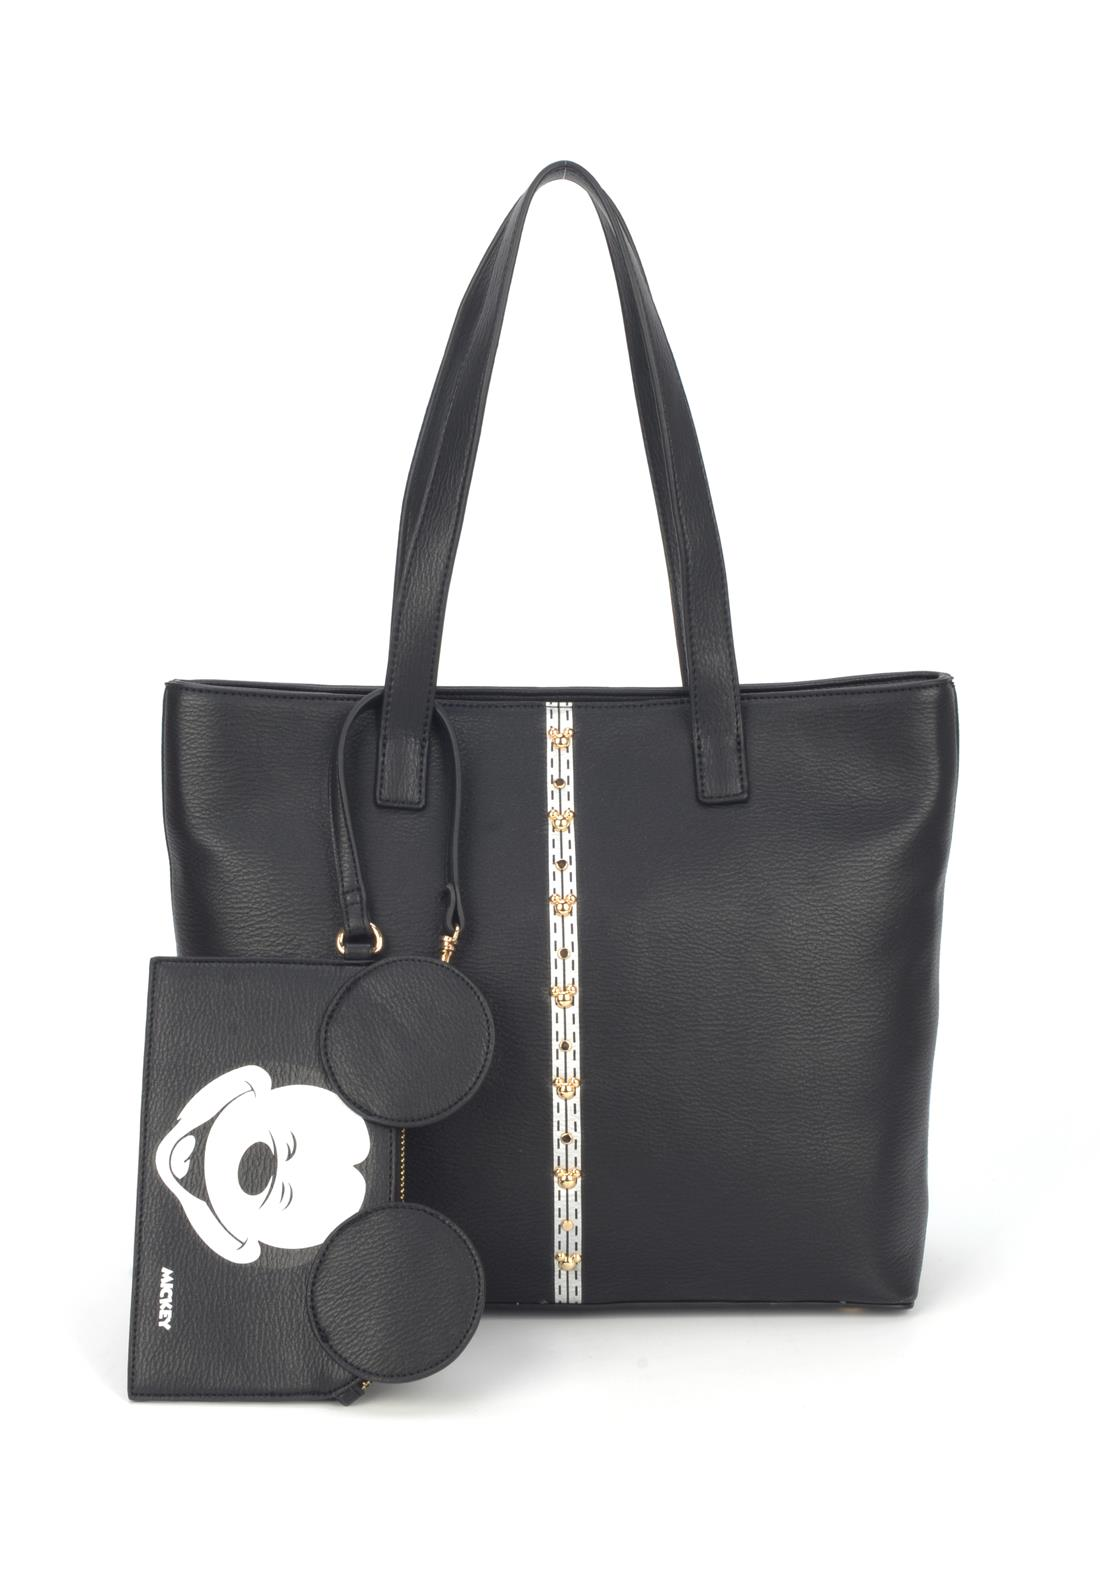 Bolsa Ombro Mickey Mouse com Necessaire Preta Original